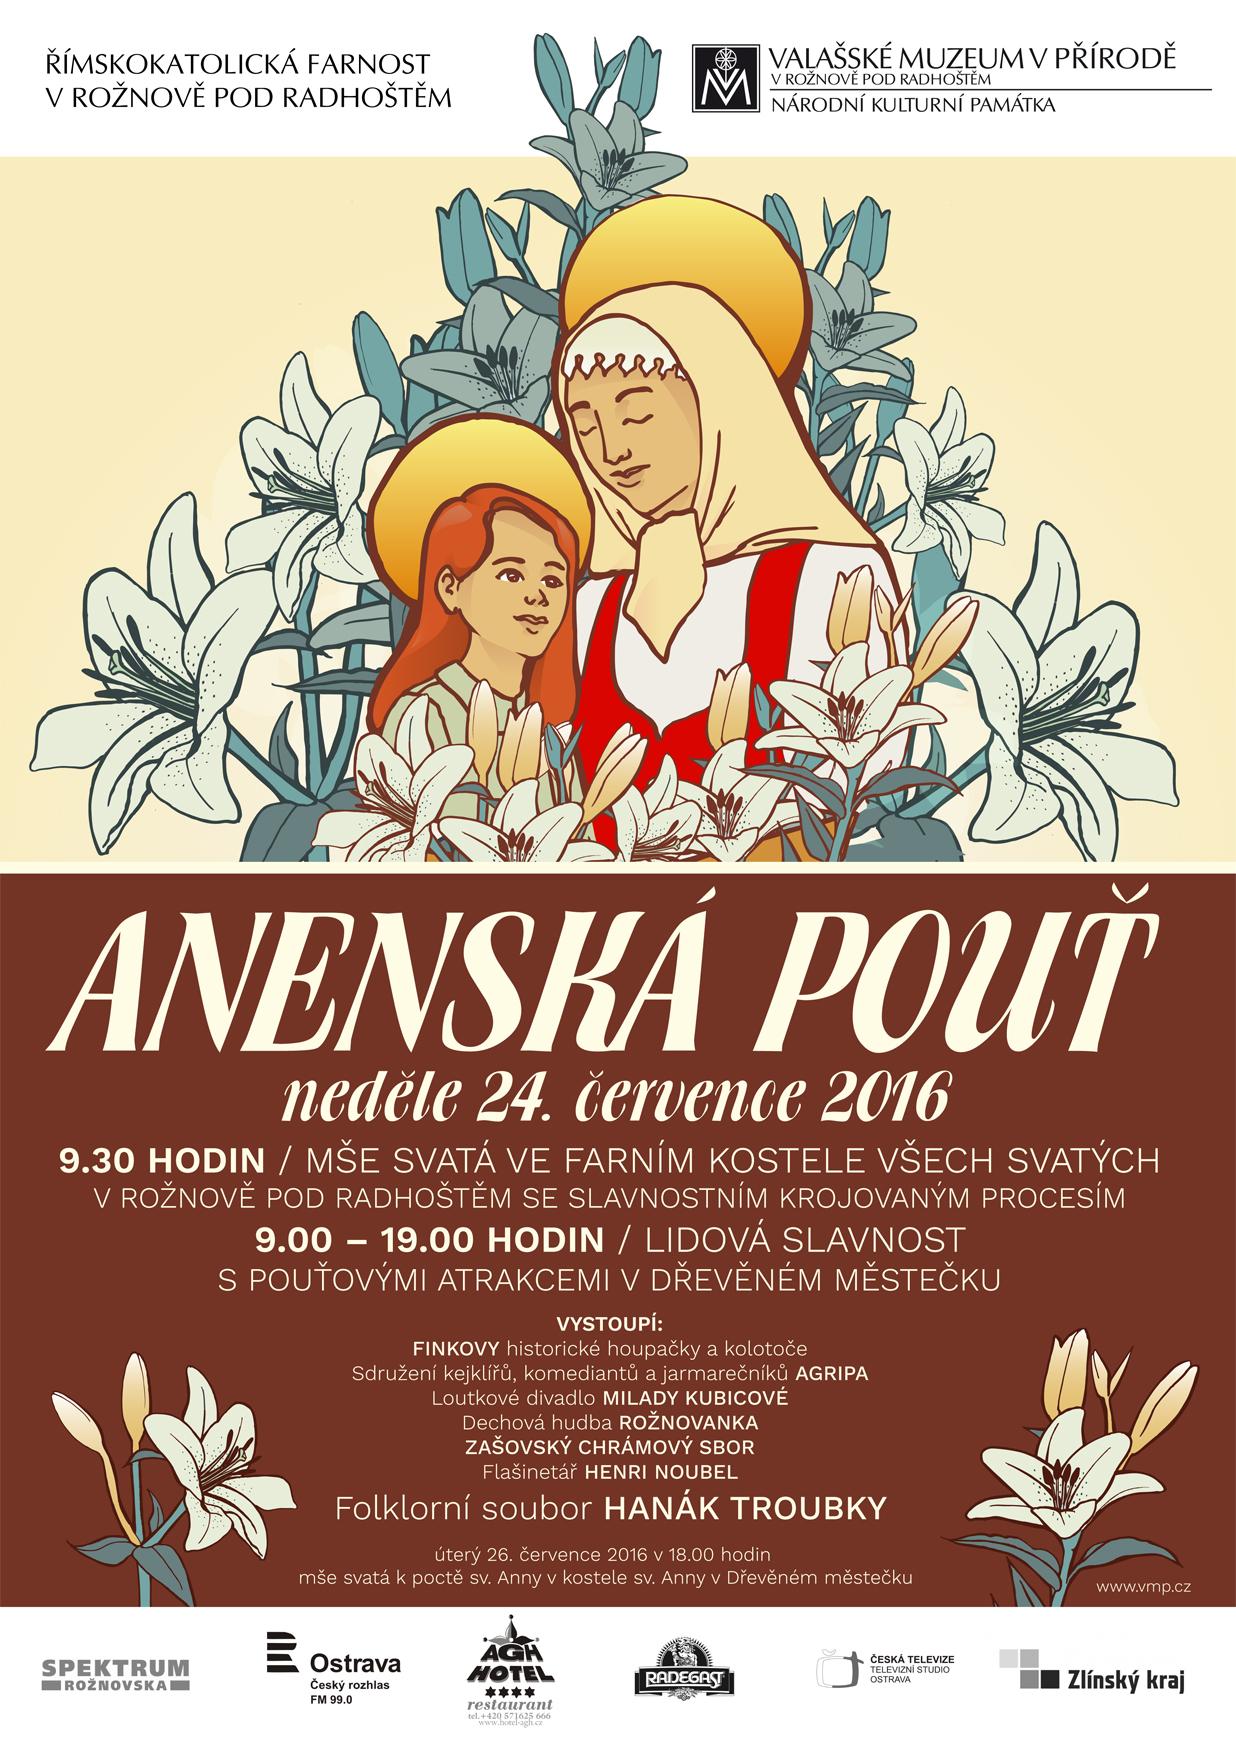 anenska-pout-2016